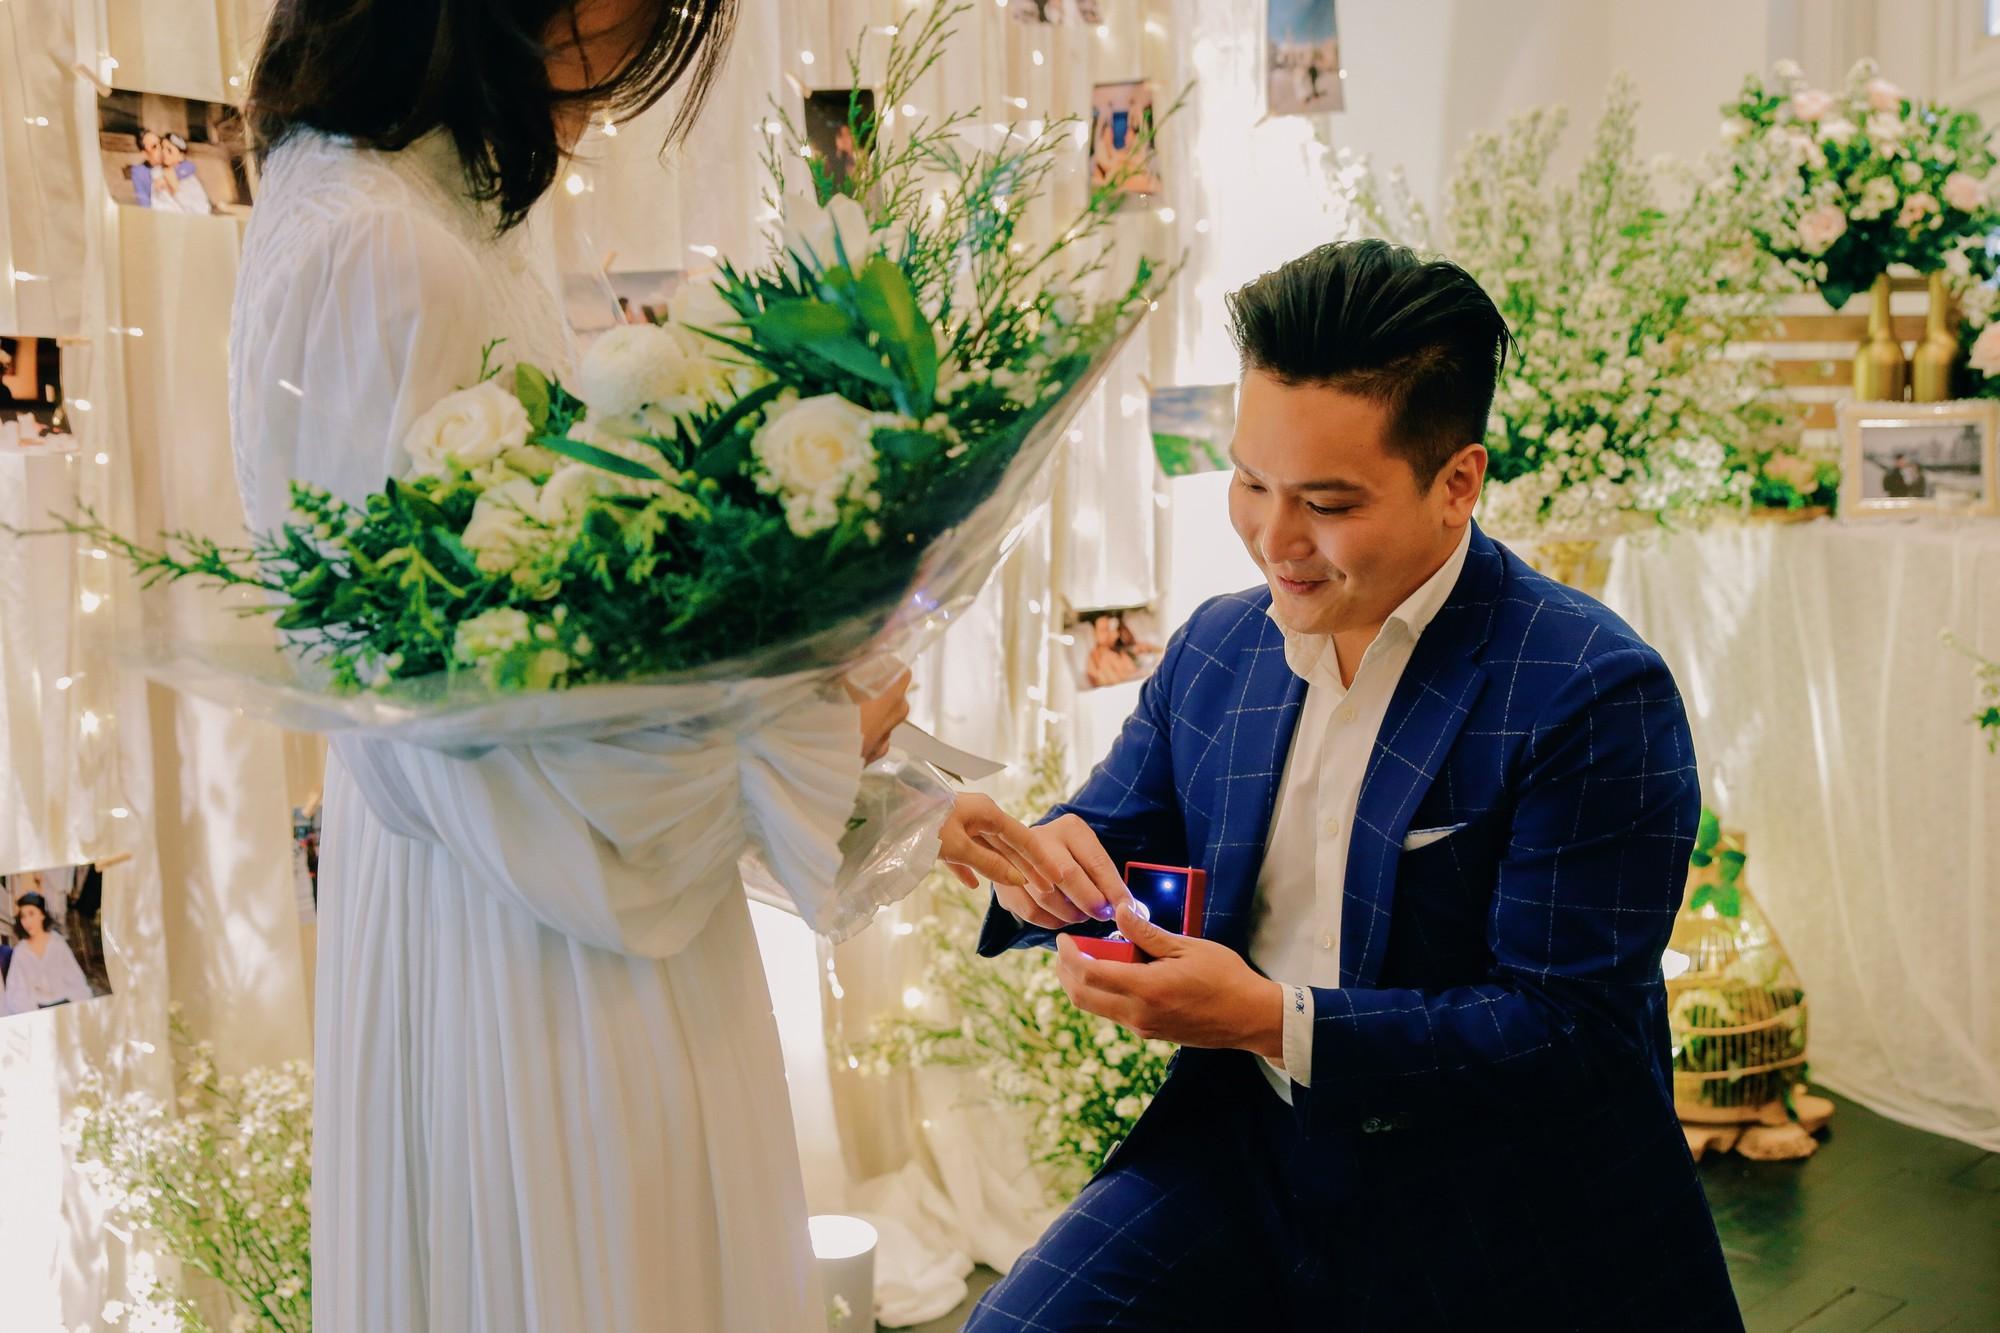 Thông tin ít ỏi về chồng sắp cưới MC Liêu Hà Trinh: Doanh nhân thành đạt trong lĩnh vực đầu tư ẩm thực tại Hà Lan - Ảnh 4.